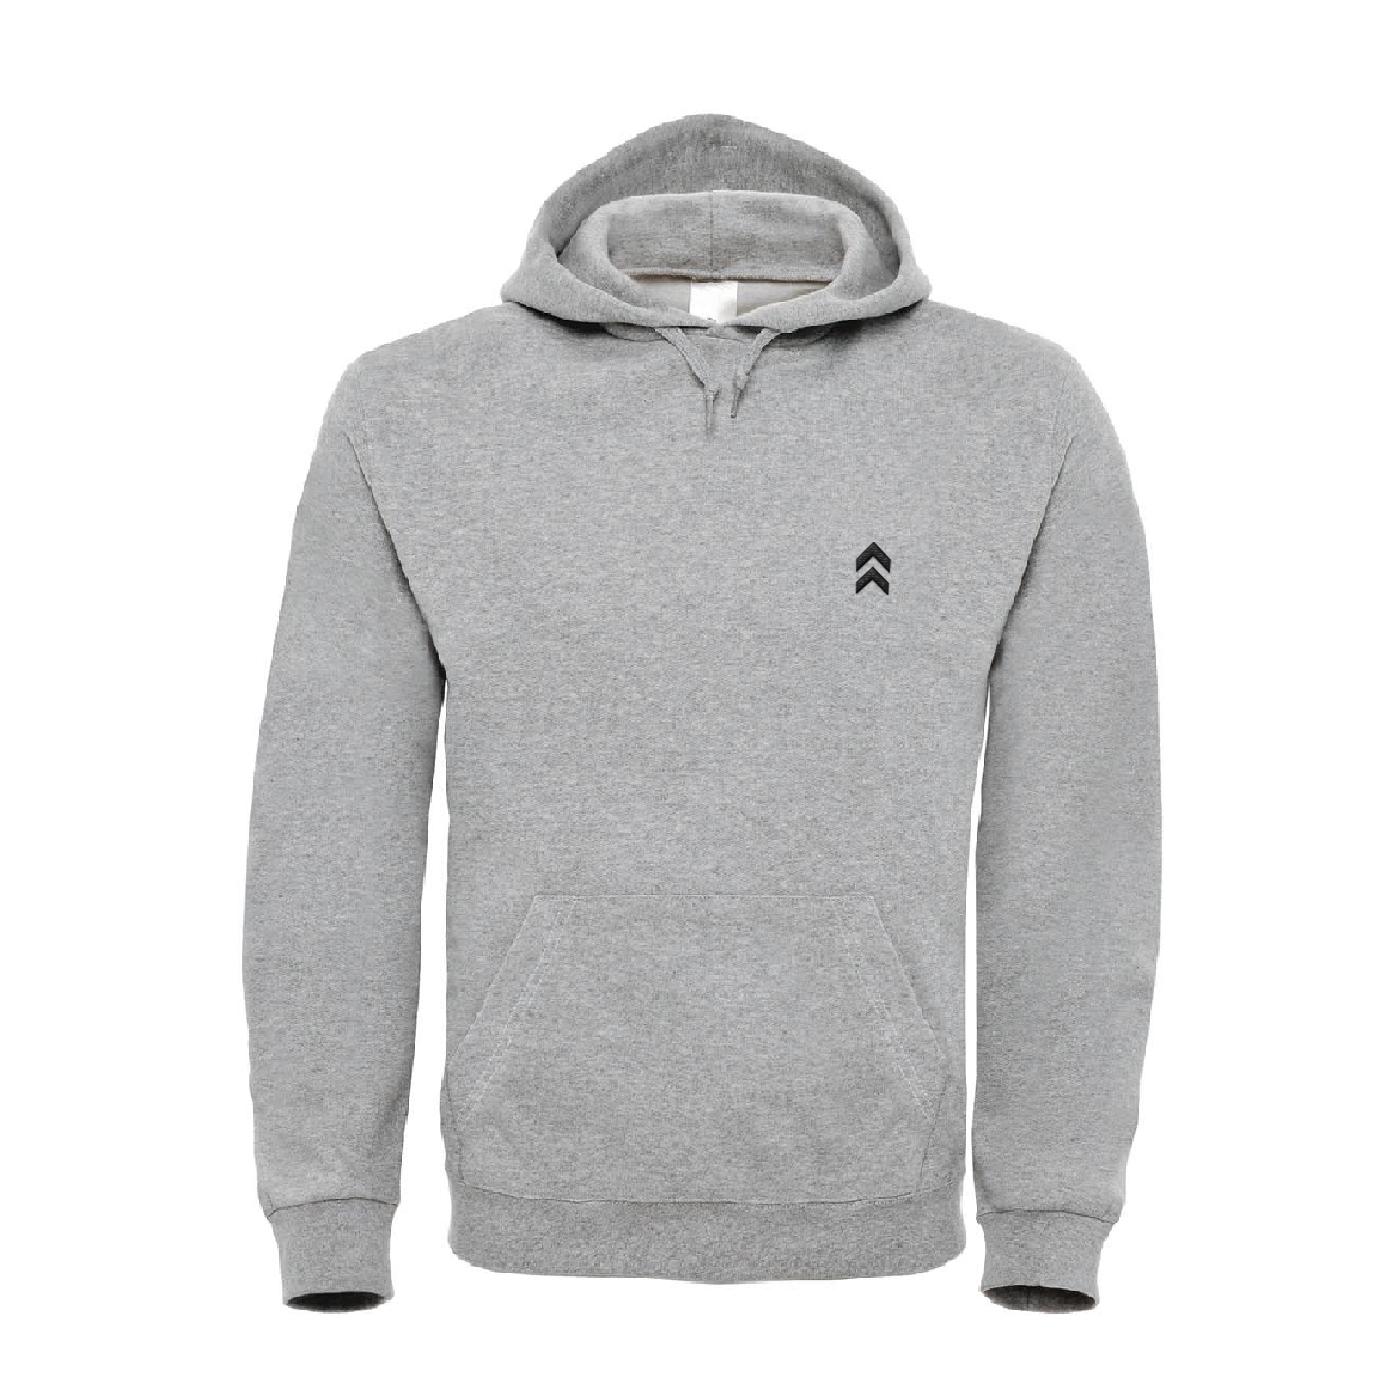 hoodie2_1.png